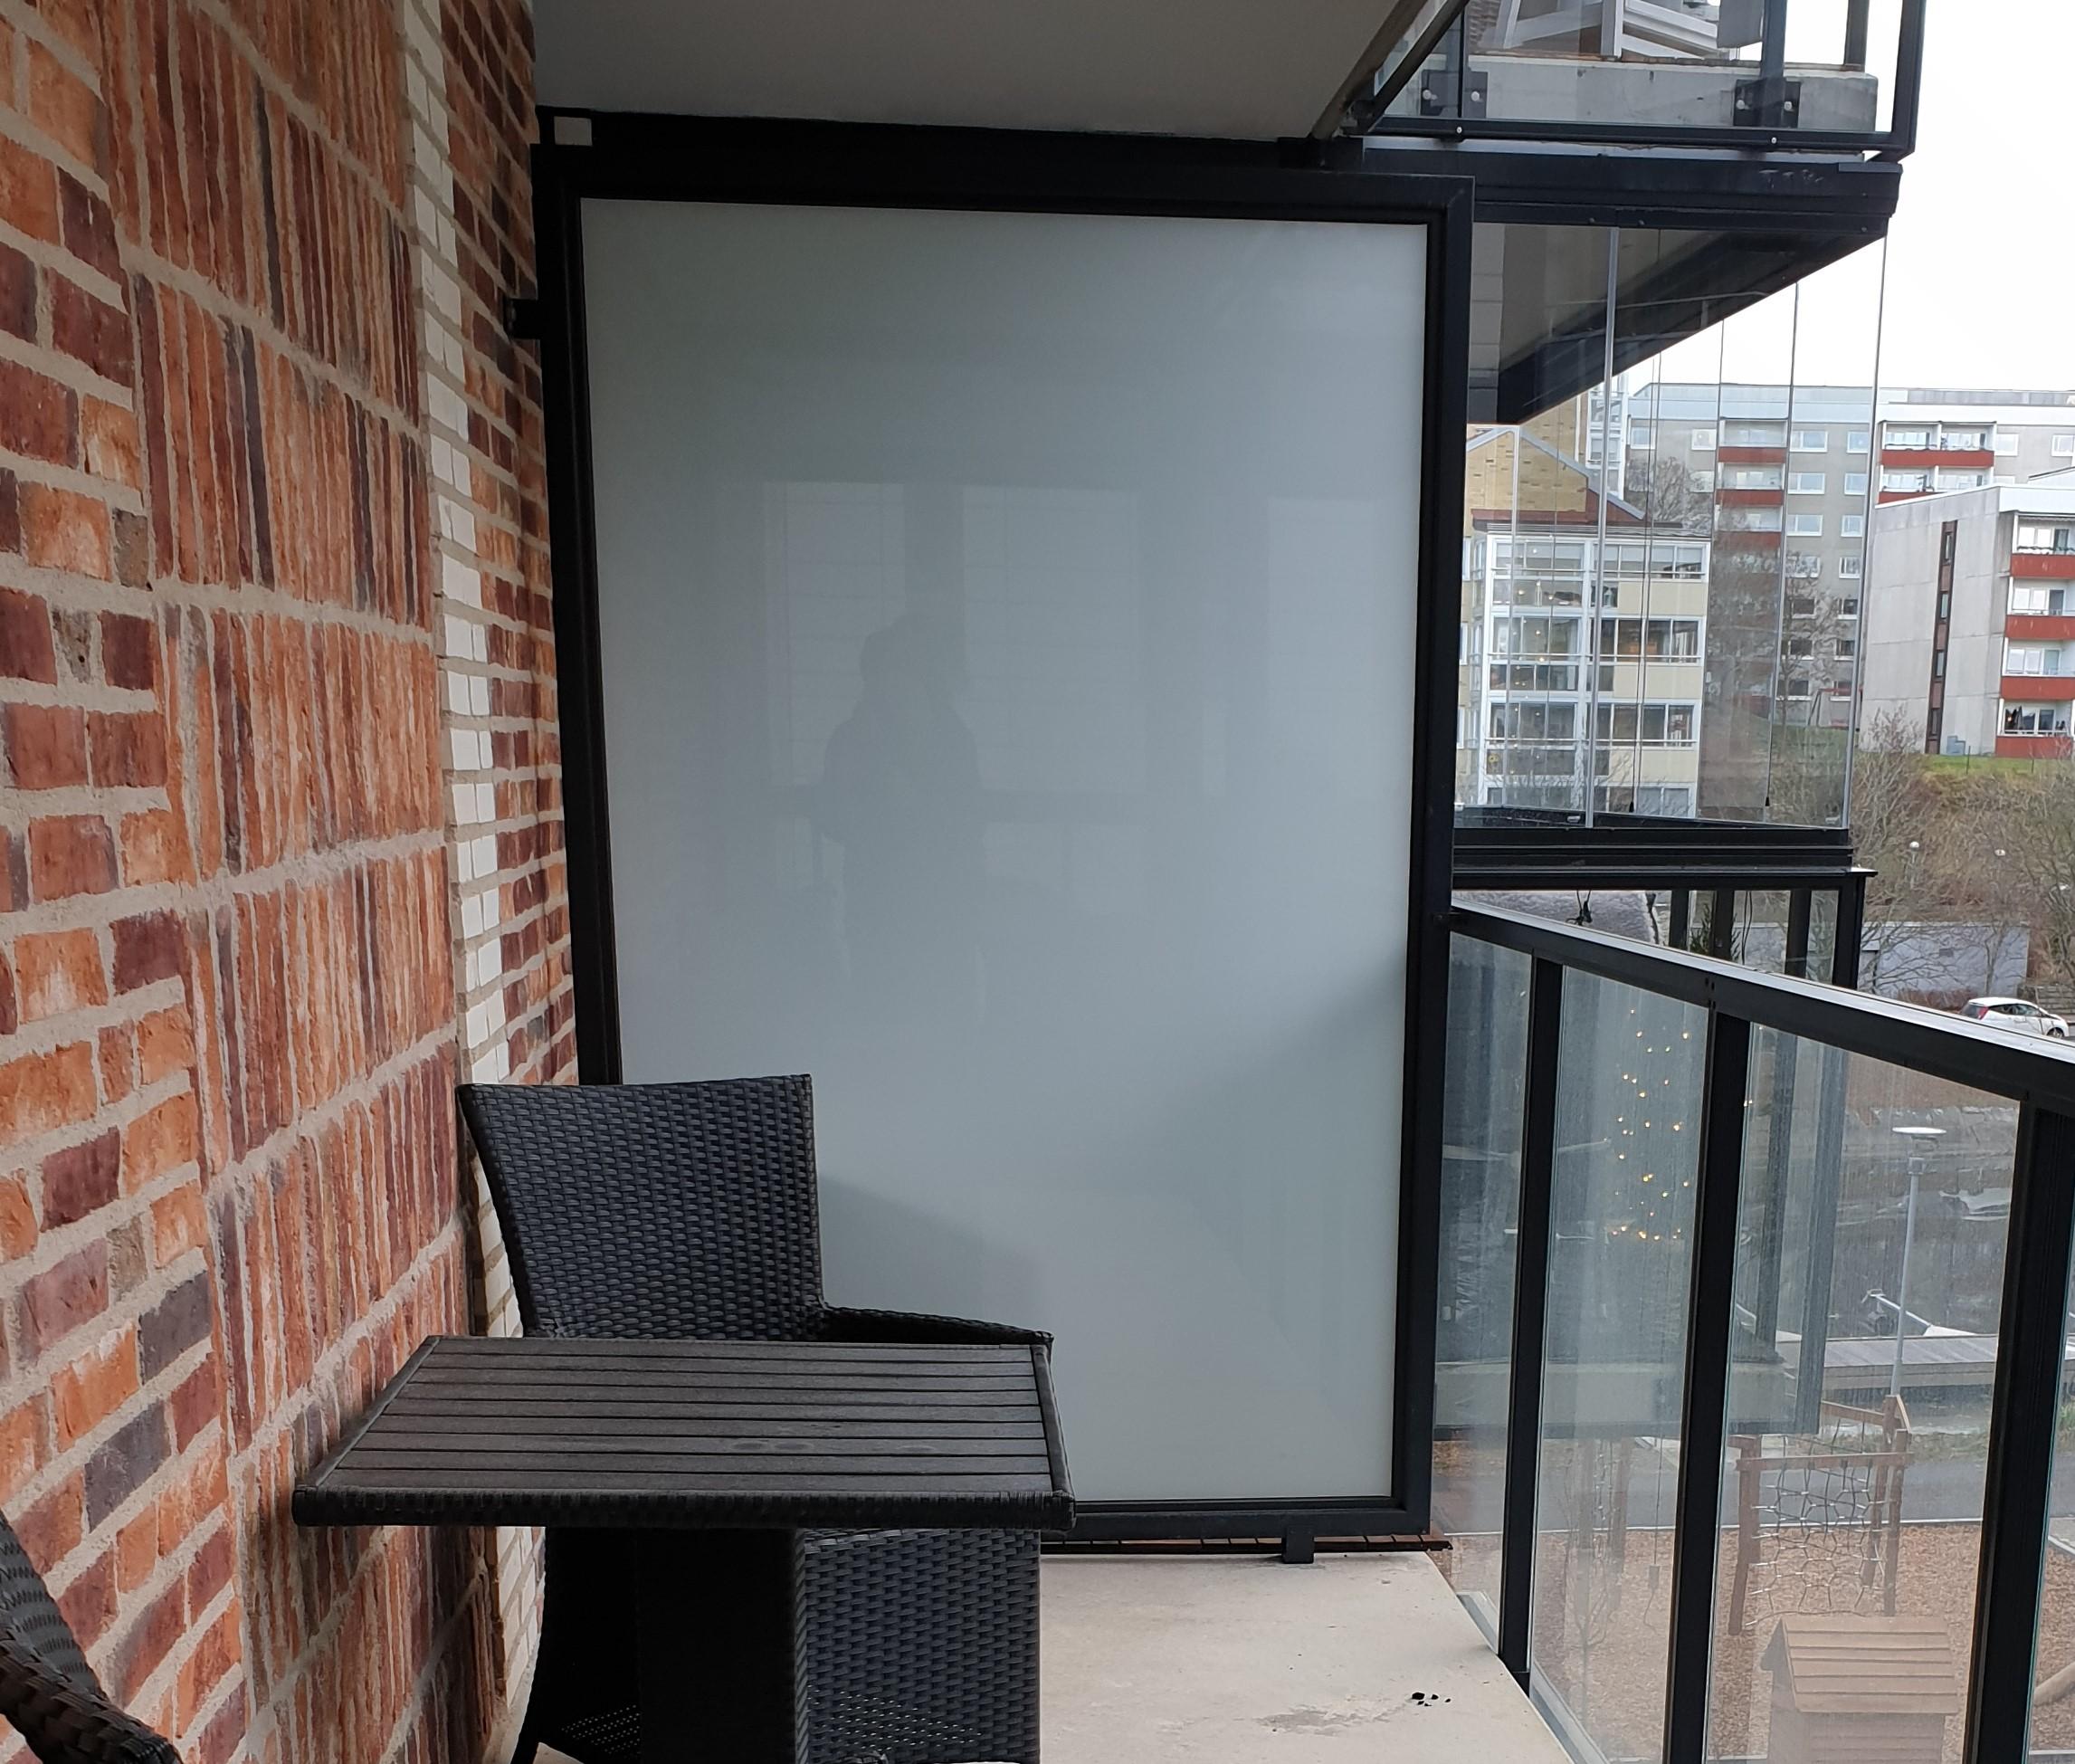 Vår skärmvägg av standardtyp består av en robust aluminiumprofil med fyllning.